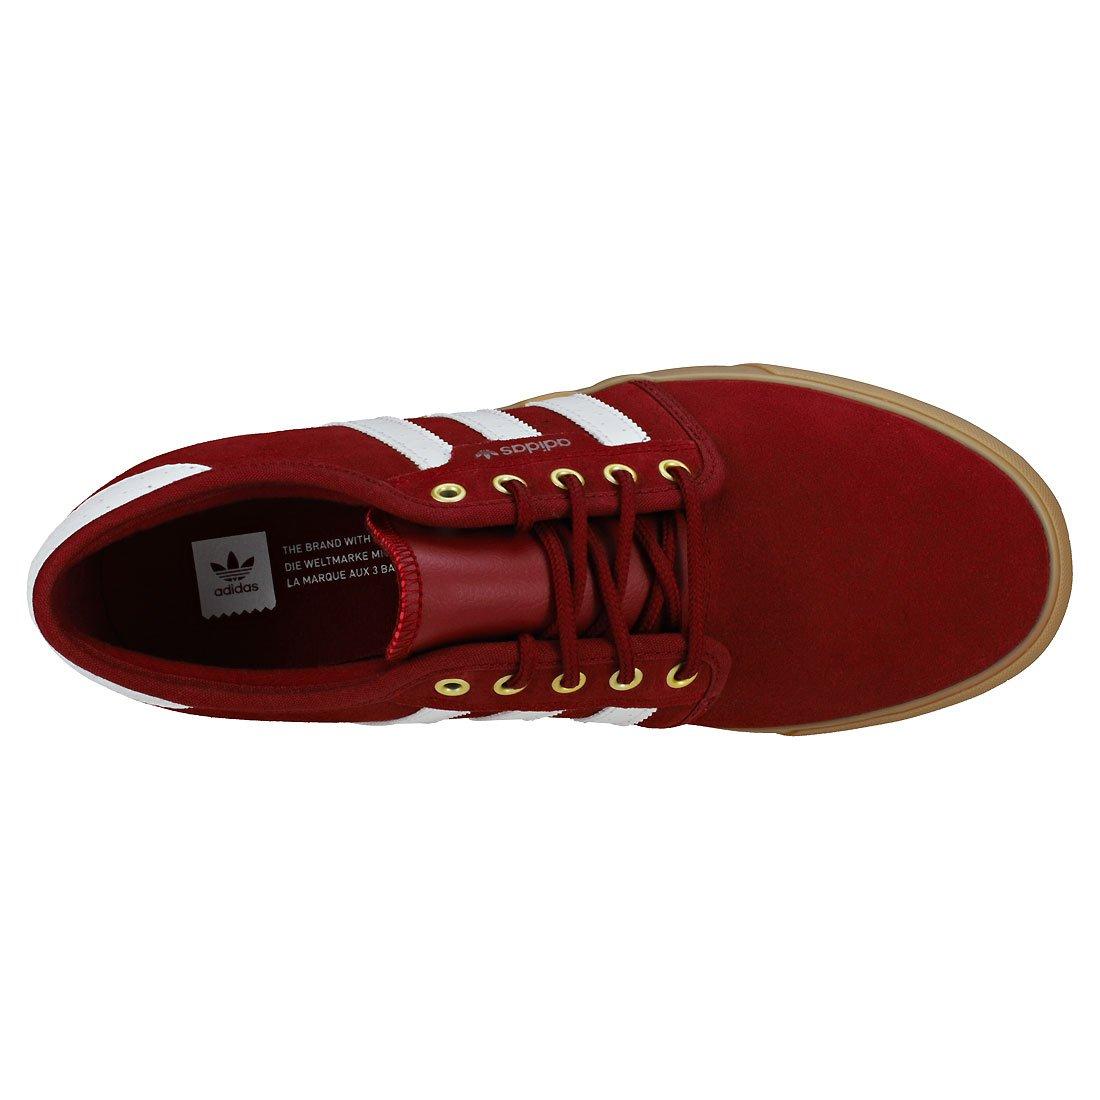 Adidas Herren 000) Seeley Skateboardschuhe Rot (Buruni/Ftwbla/Dormet 000) Herren 187a44